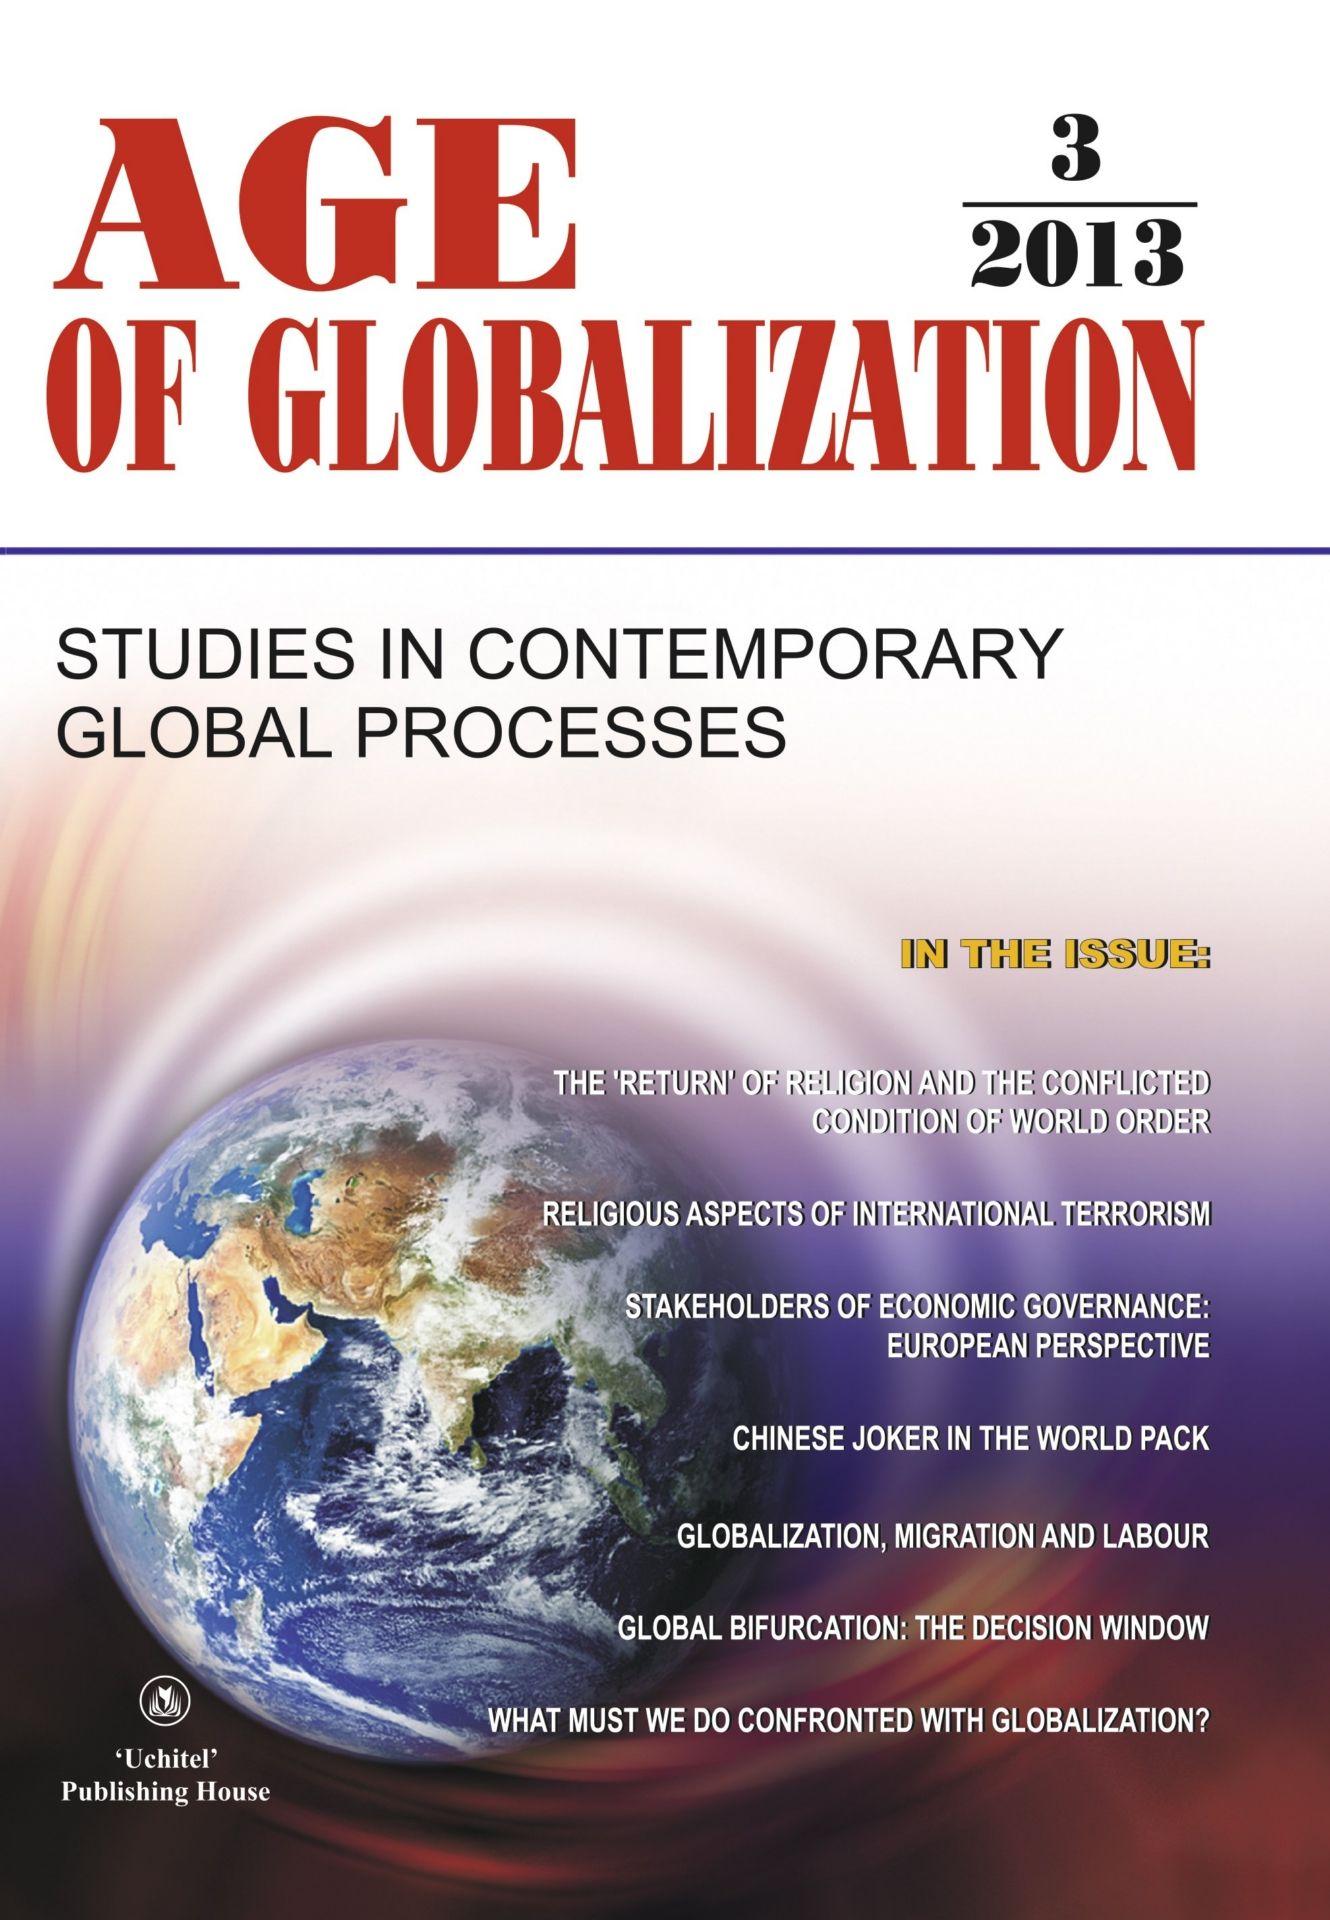 Age of Globalization. Век глобализации на английском языке. № 3 2013 г.Век глобализации. Международный журнал<br>Журнал призван выполнить интегрирующую роль в области глобальных исследований и стал творческой площадкой, на которой специалисты из различных областей знания анализируют актуальные проблемы глобализации и ее последствий, предлагают теоретические и практи...<br><br>Год: 2013<br>Серия: Для студентов и преподавателей<br>Переплёт: мягкая, склейка